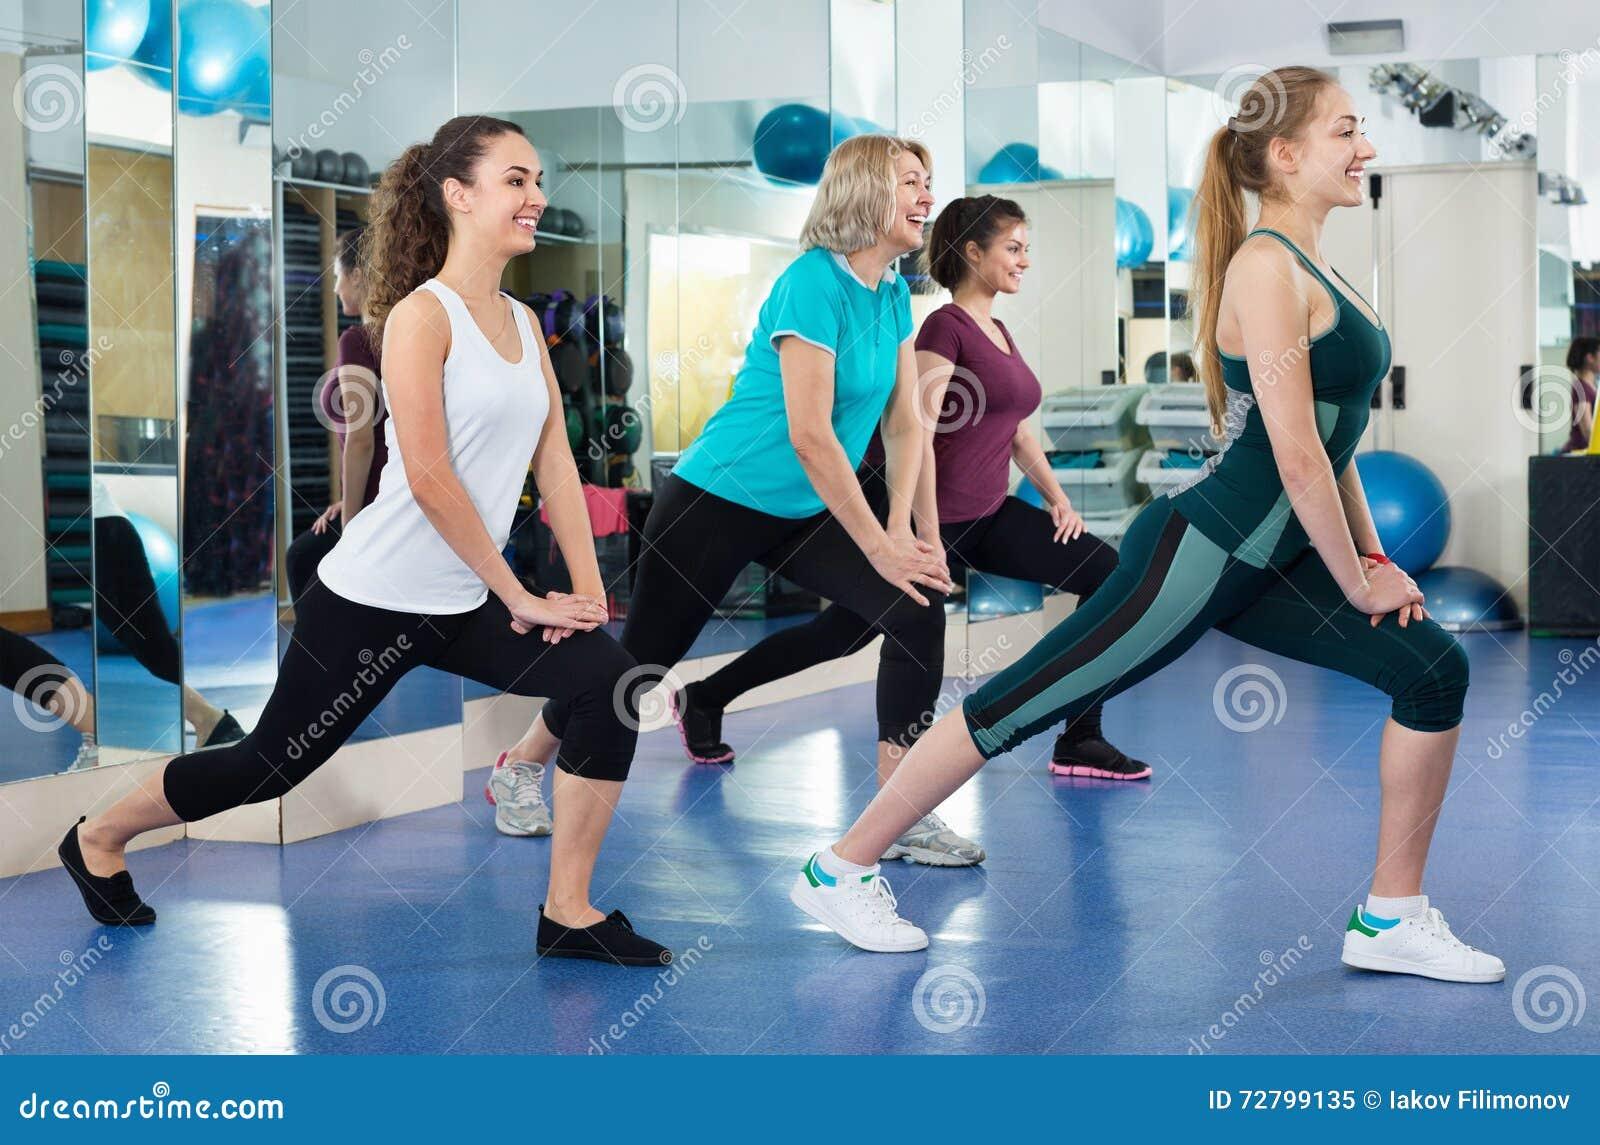 Hembras positivas que se resuelven en la clase aerobia en gimnasio moderno